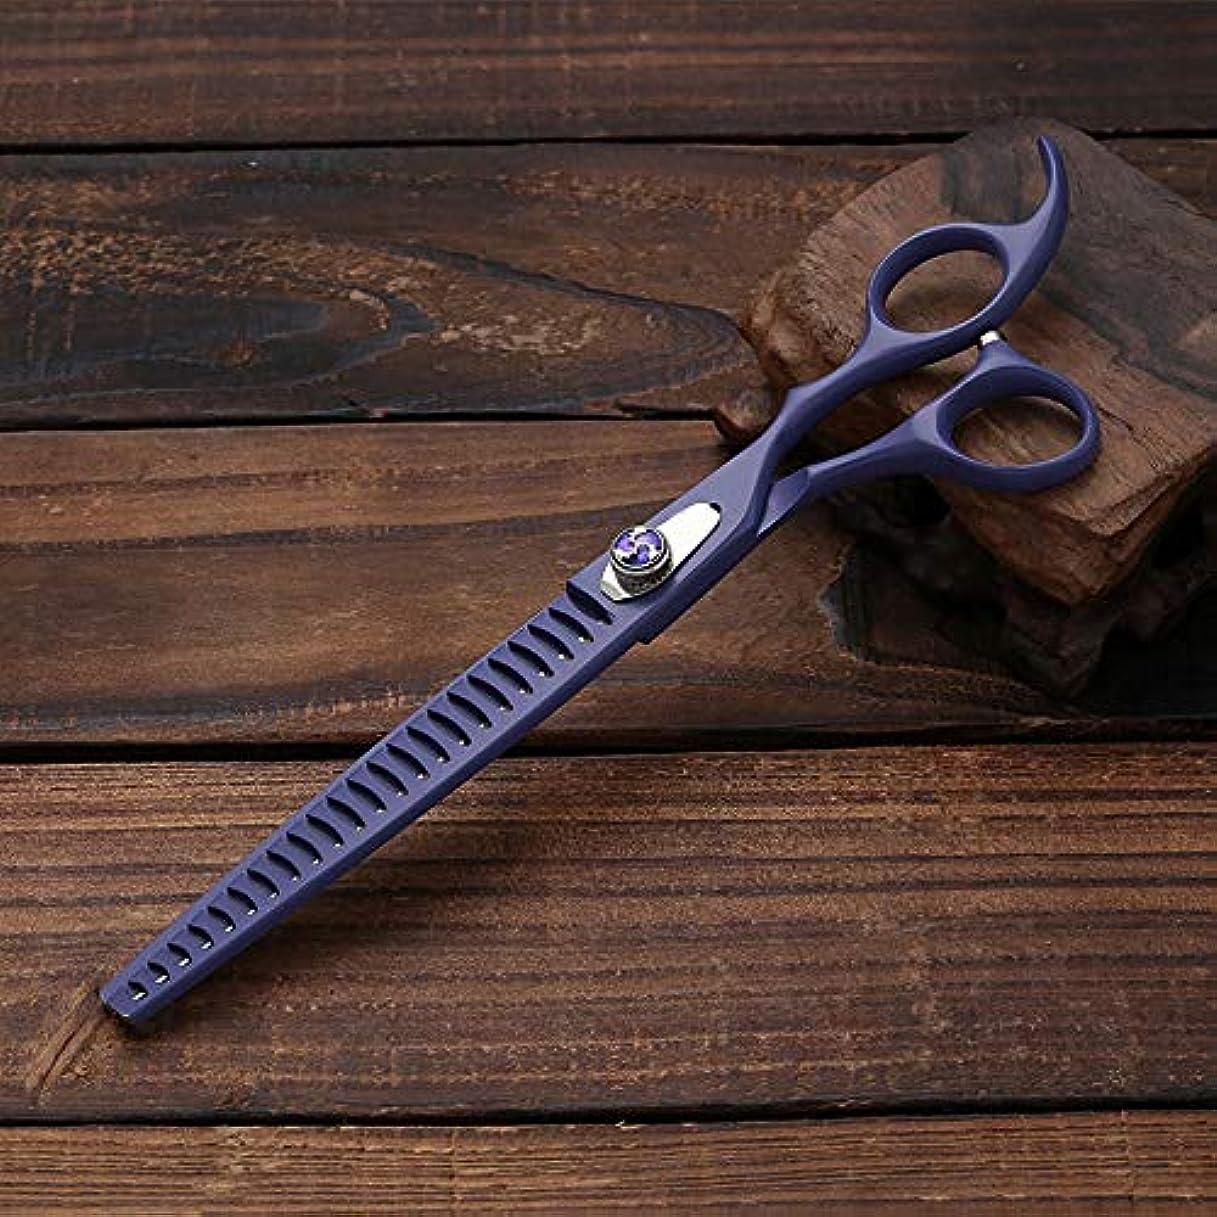 最高ハンドブック櫛WASAIO ペットの歯のカットはさみ美容はさみ髪はハサミプロフェッショナルステンレス理容はさみセット8.0インチスリップ (色 : 紫の)